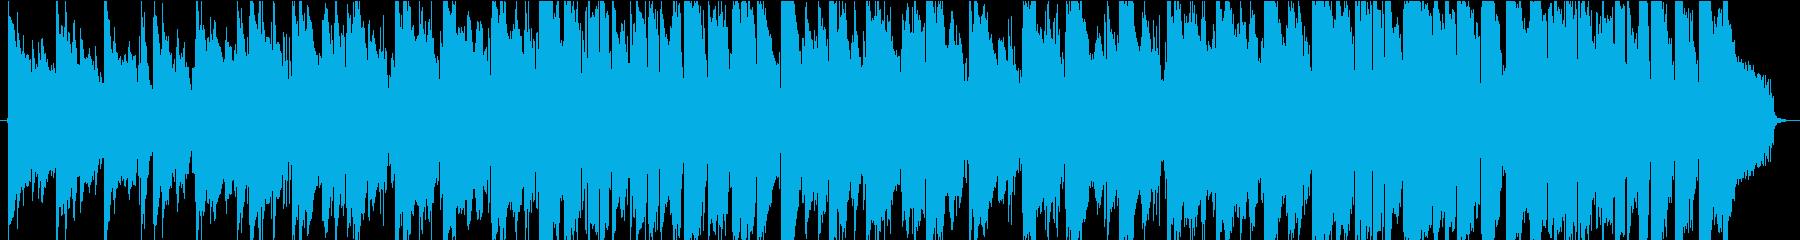 温かいサウンドのアコースティックの再生済みの波形